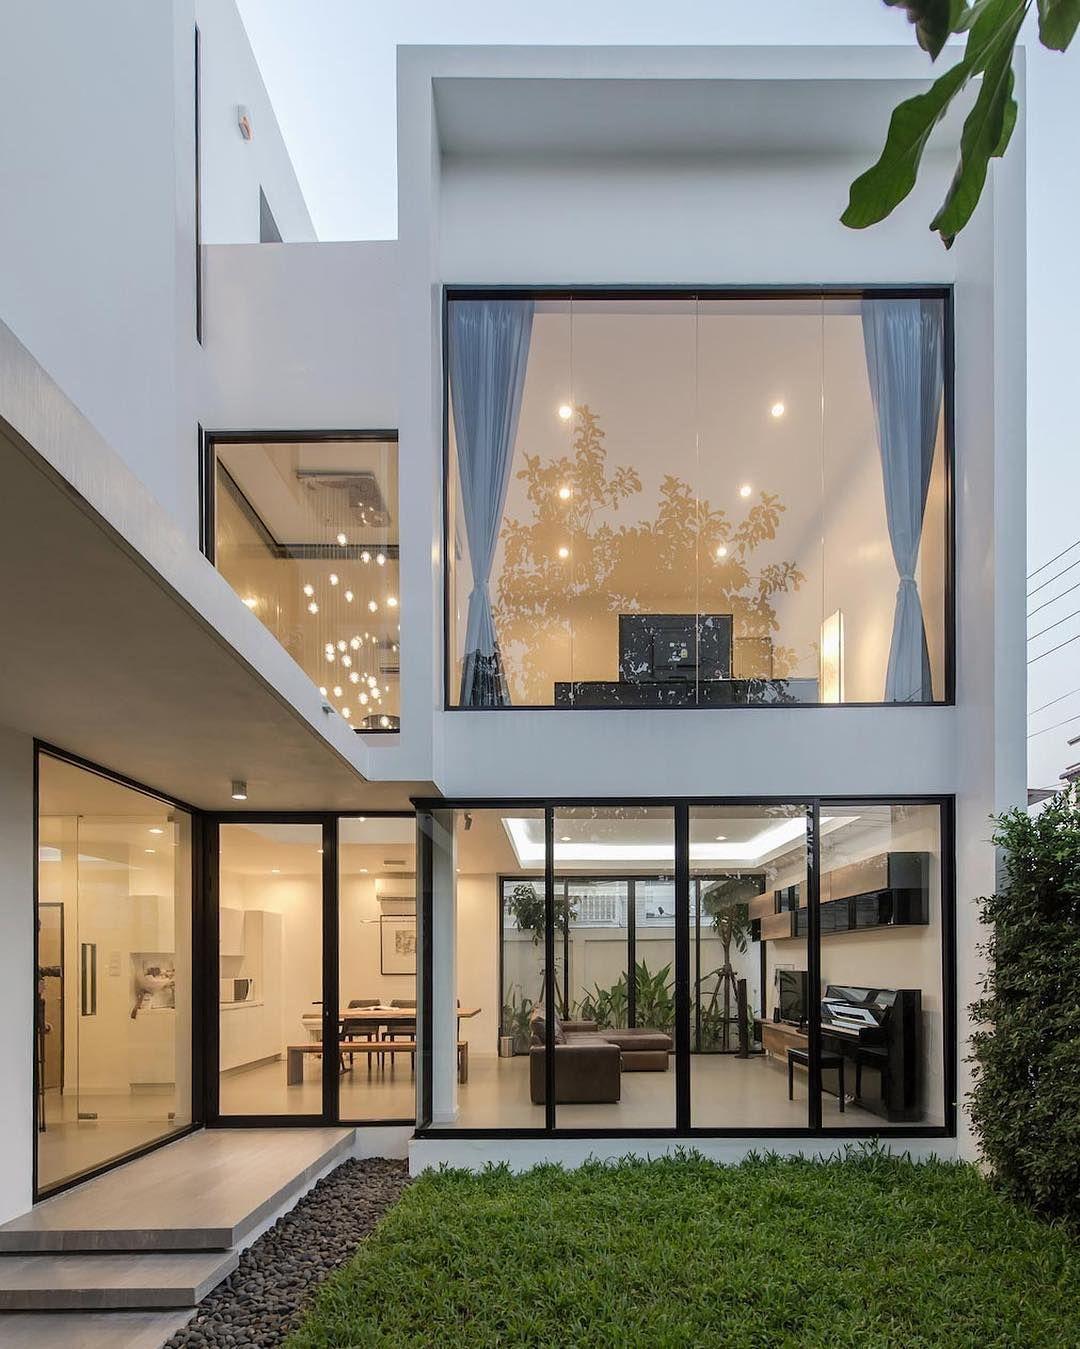 38+ Full house modern design information